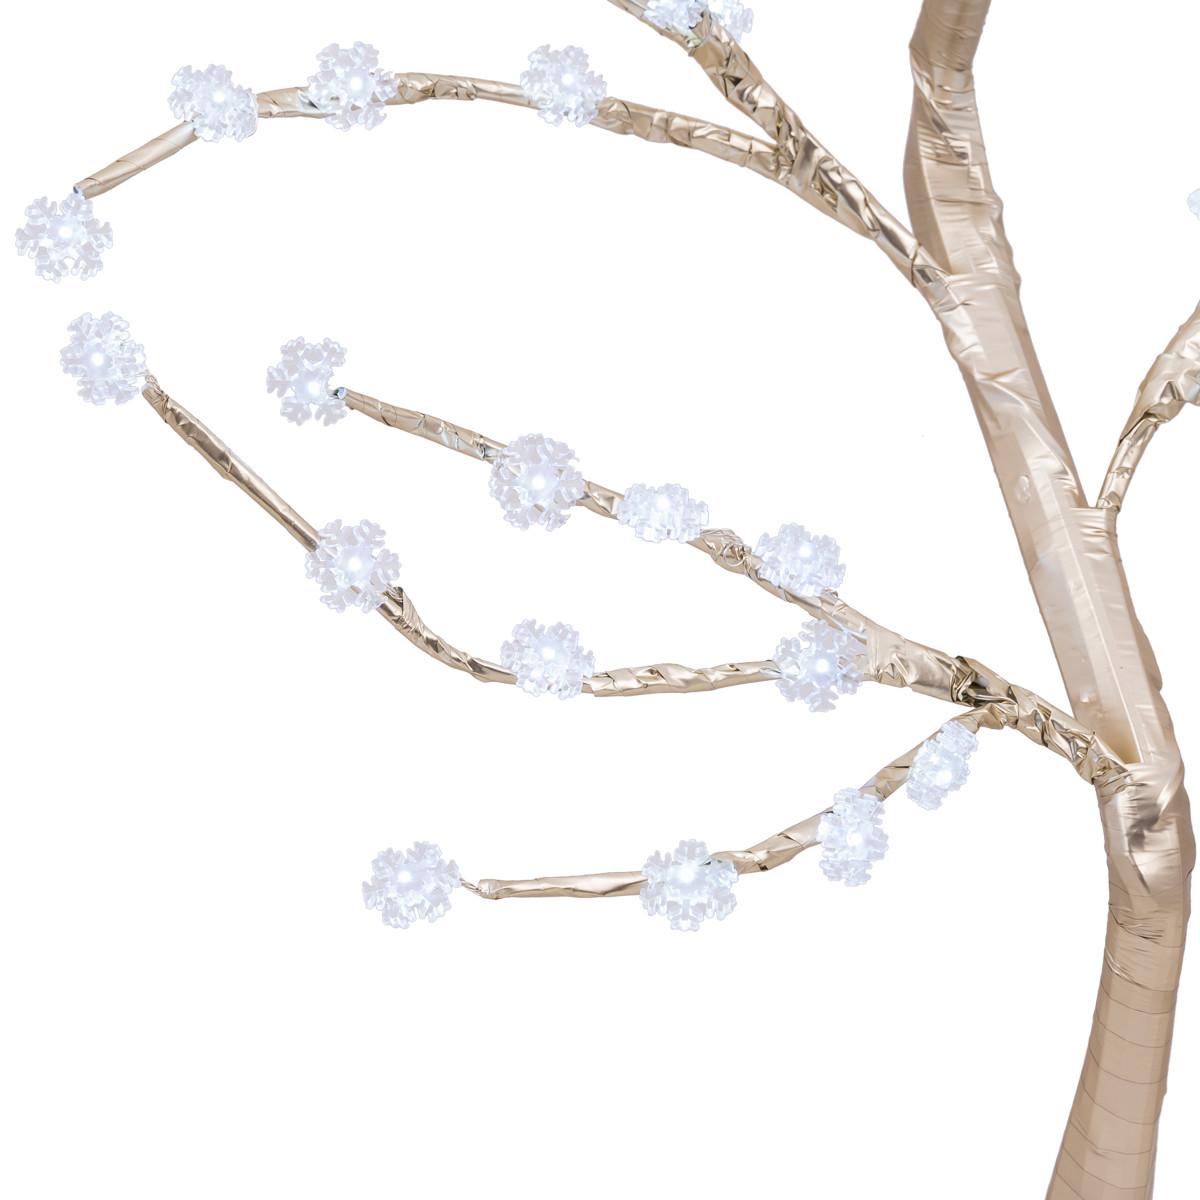 Zbliżenie na śnieżynki na złotym drzewku LED świątecznym